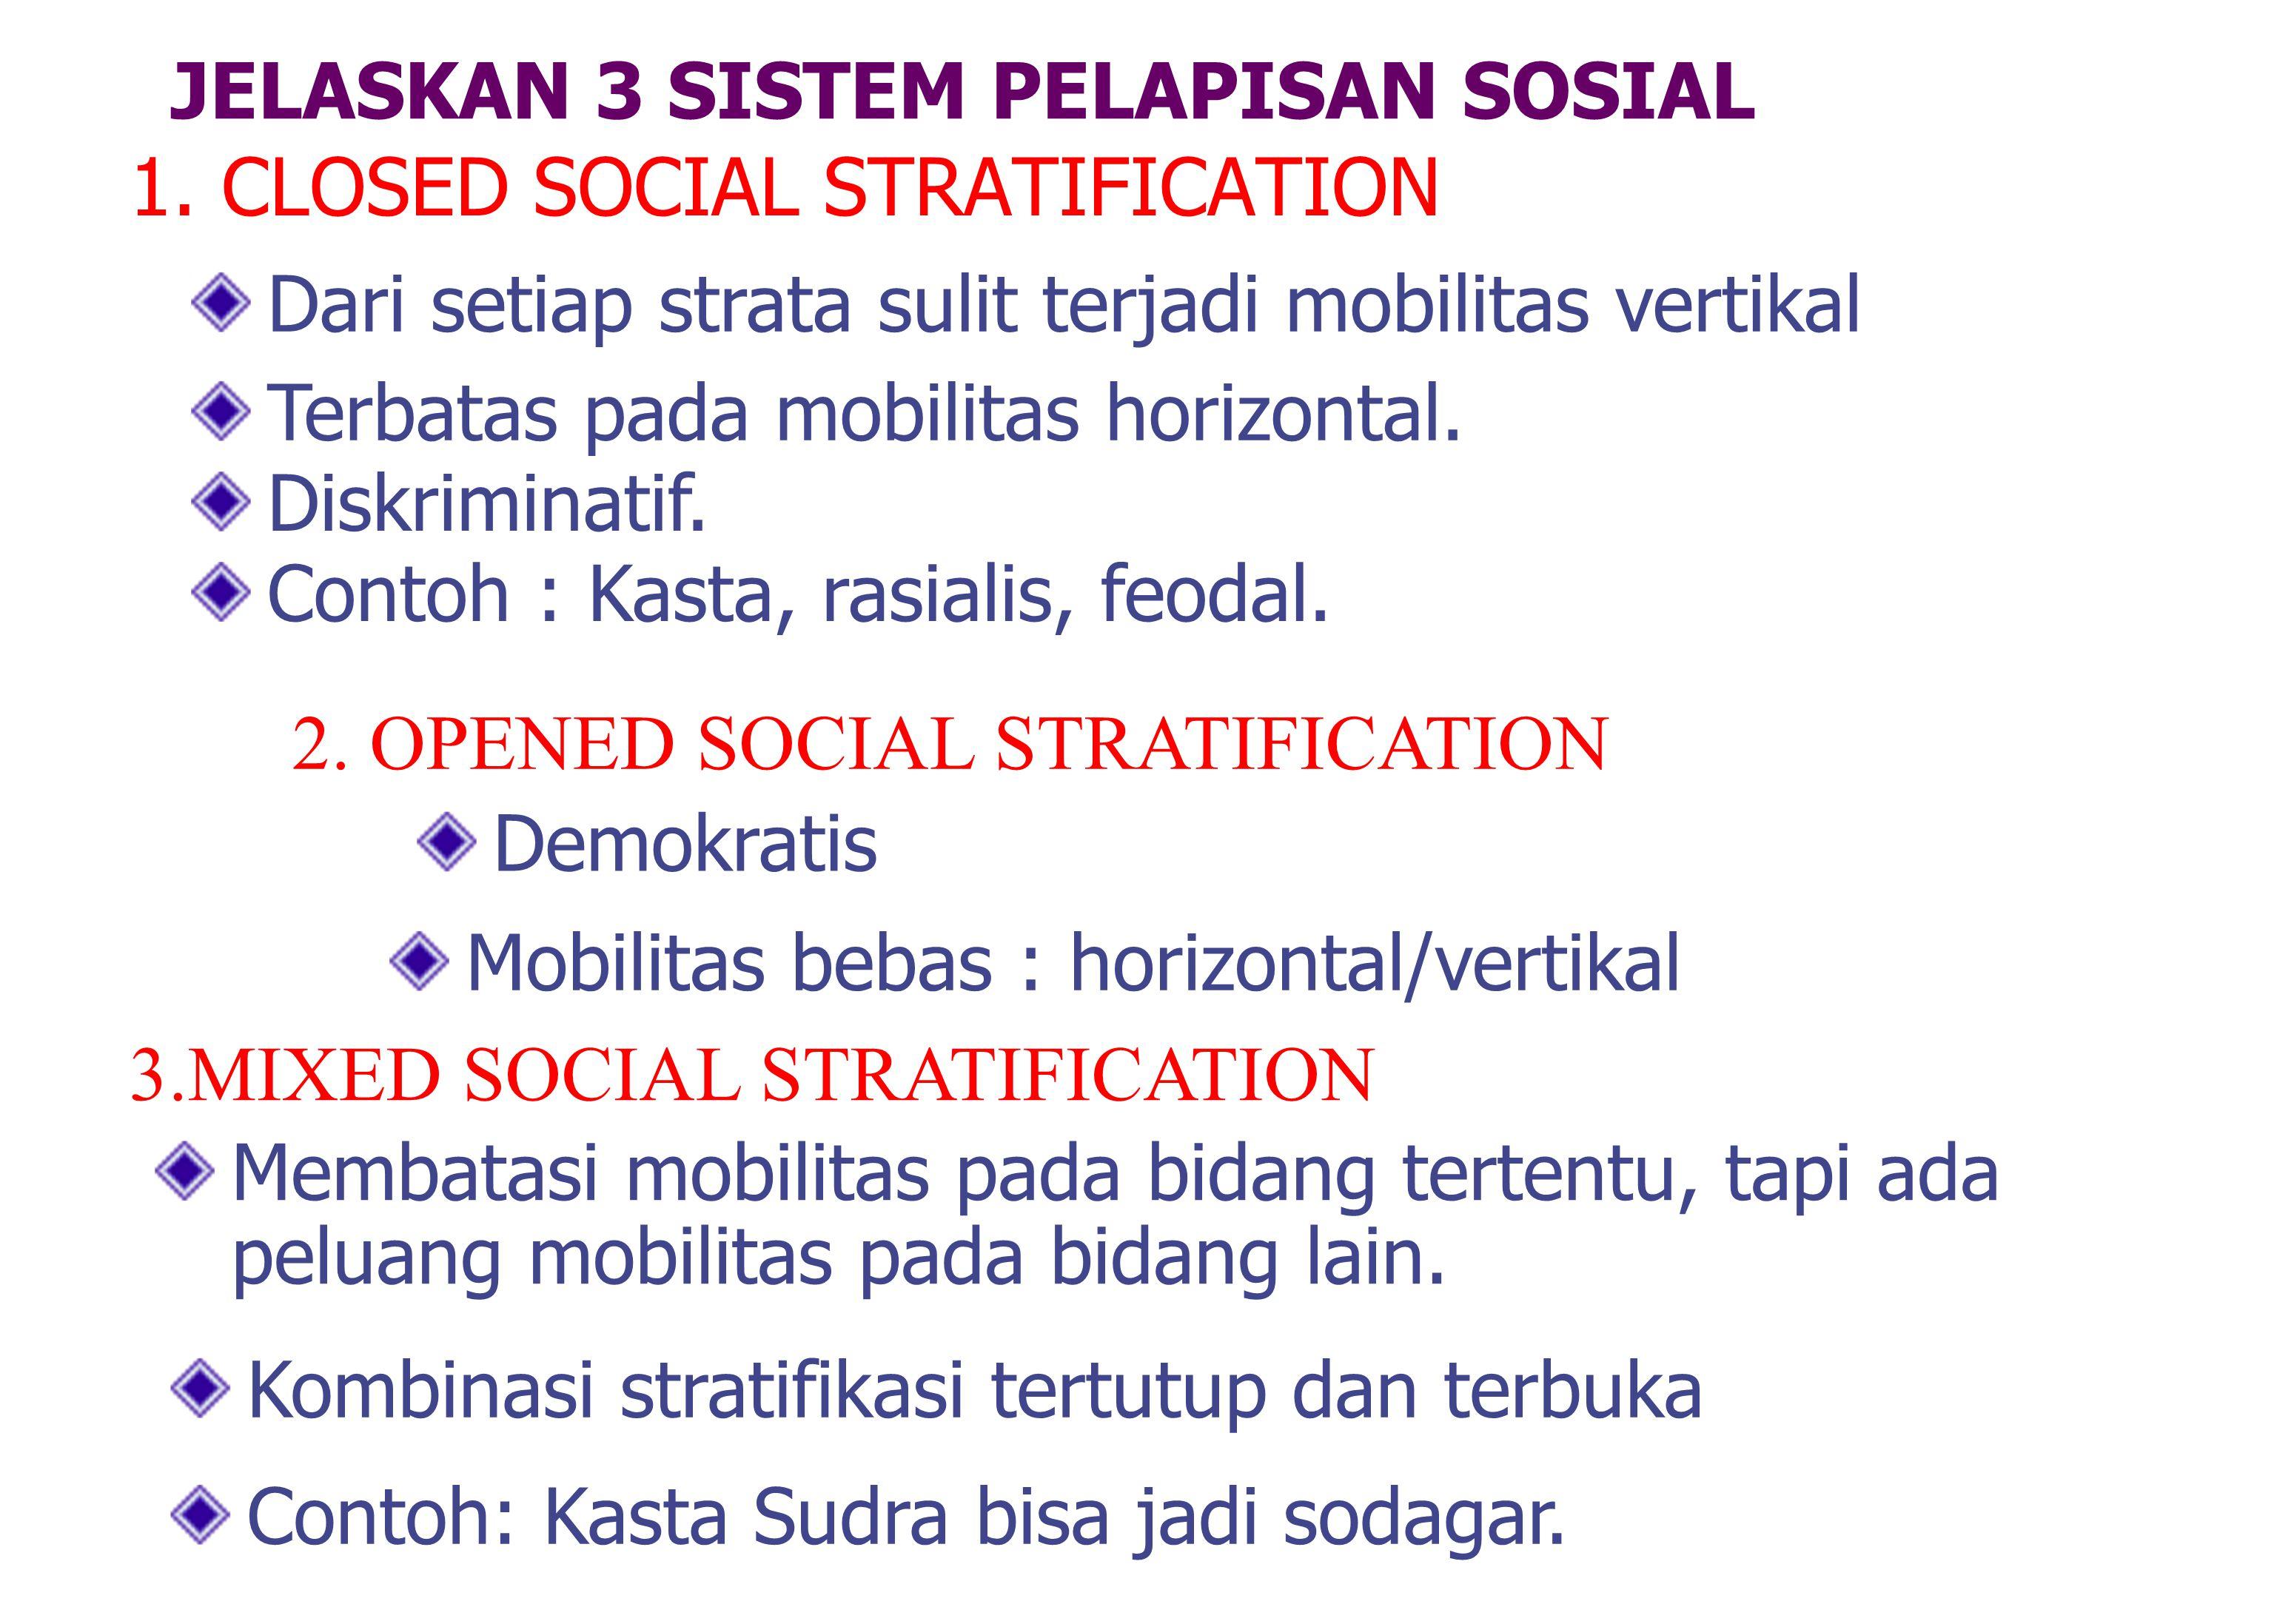  Pola perilaku yang diharapkan dari seseorang yang punya status sosial tertentu SOCIAL ROLE  Peranan seseorang dapat berubah sesuai dengan posisinya.